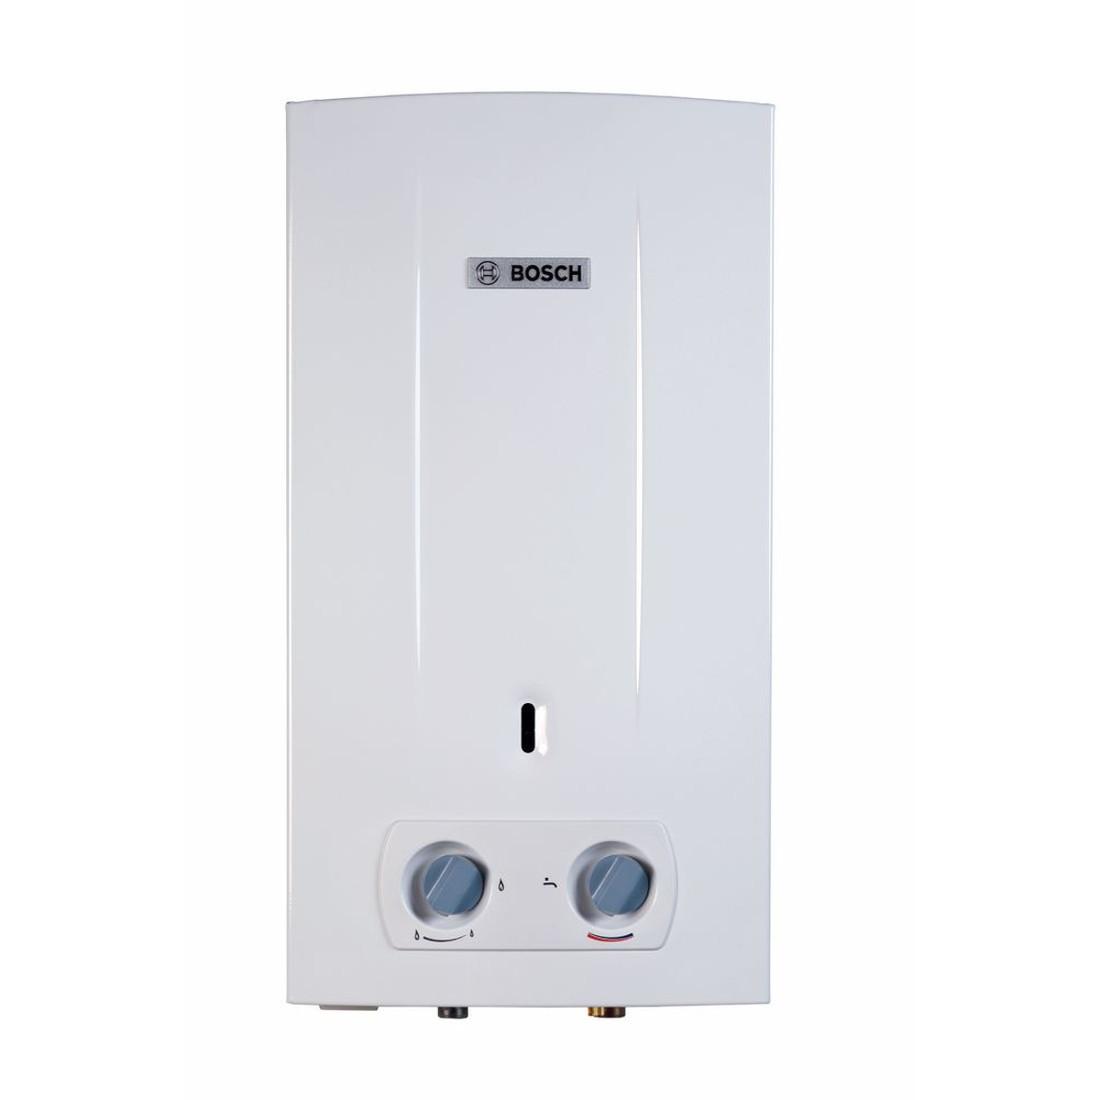 Bosch Therm 2000 O W 10-2 KB - Водонагрівач - газова колонка